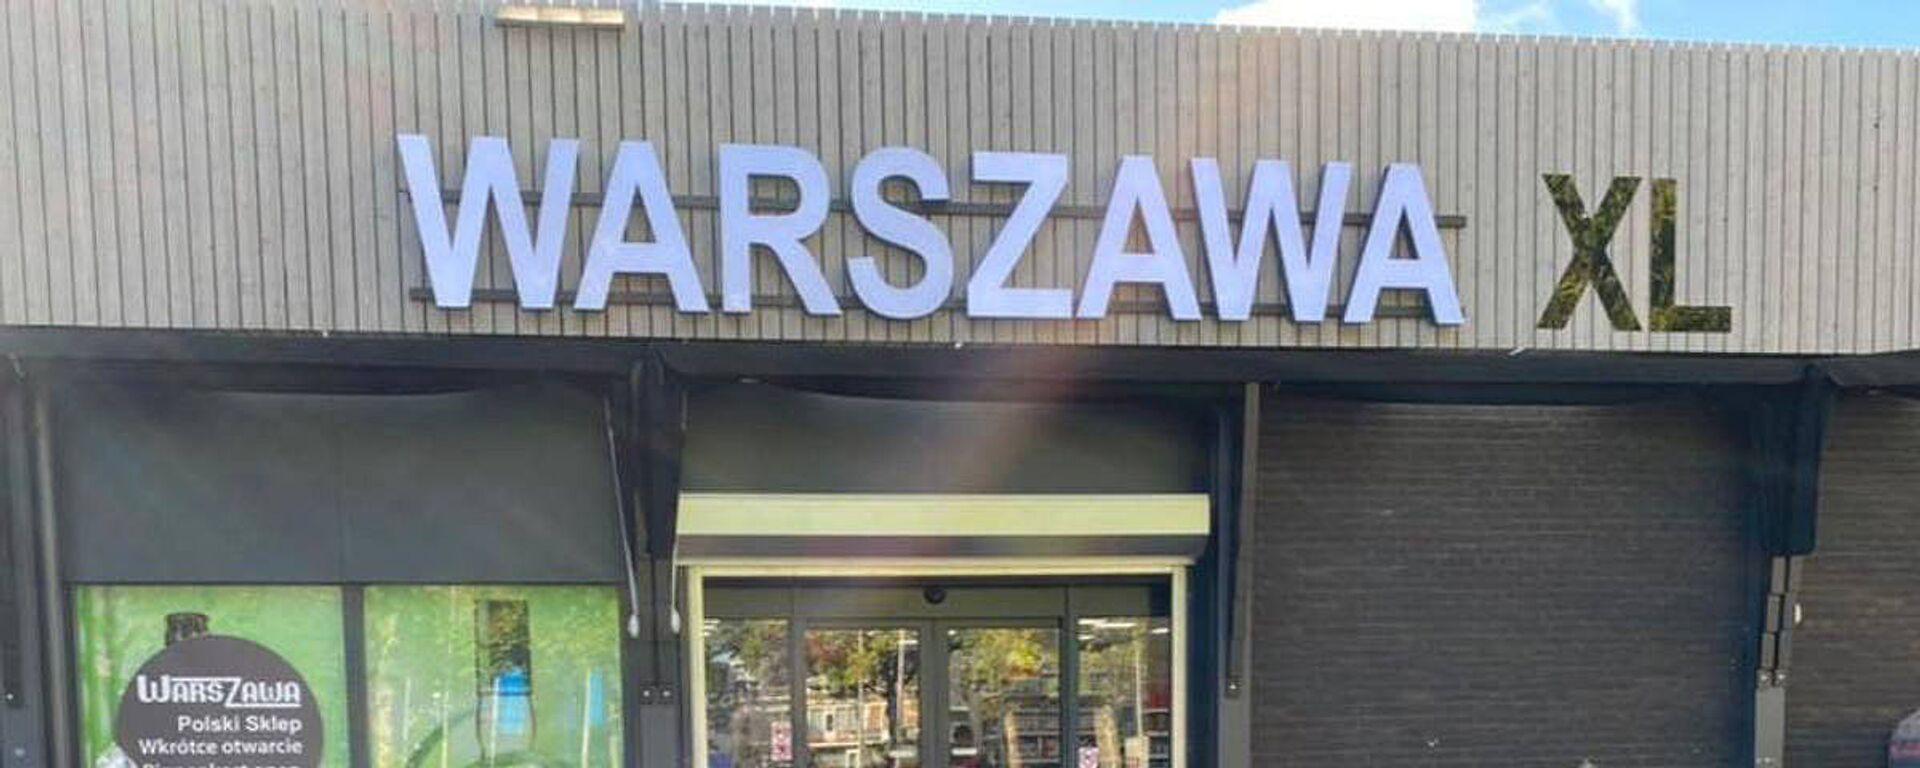 Polski supermarket Warszawa XL w Holandii - Sputnik Polska, 1920, 04.01.2021